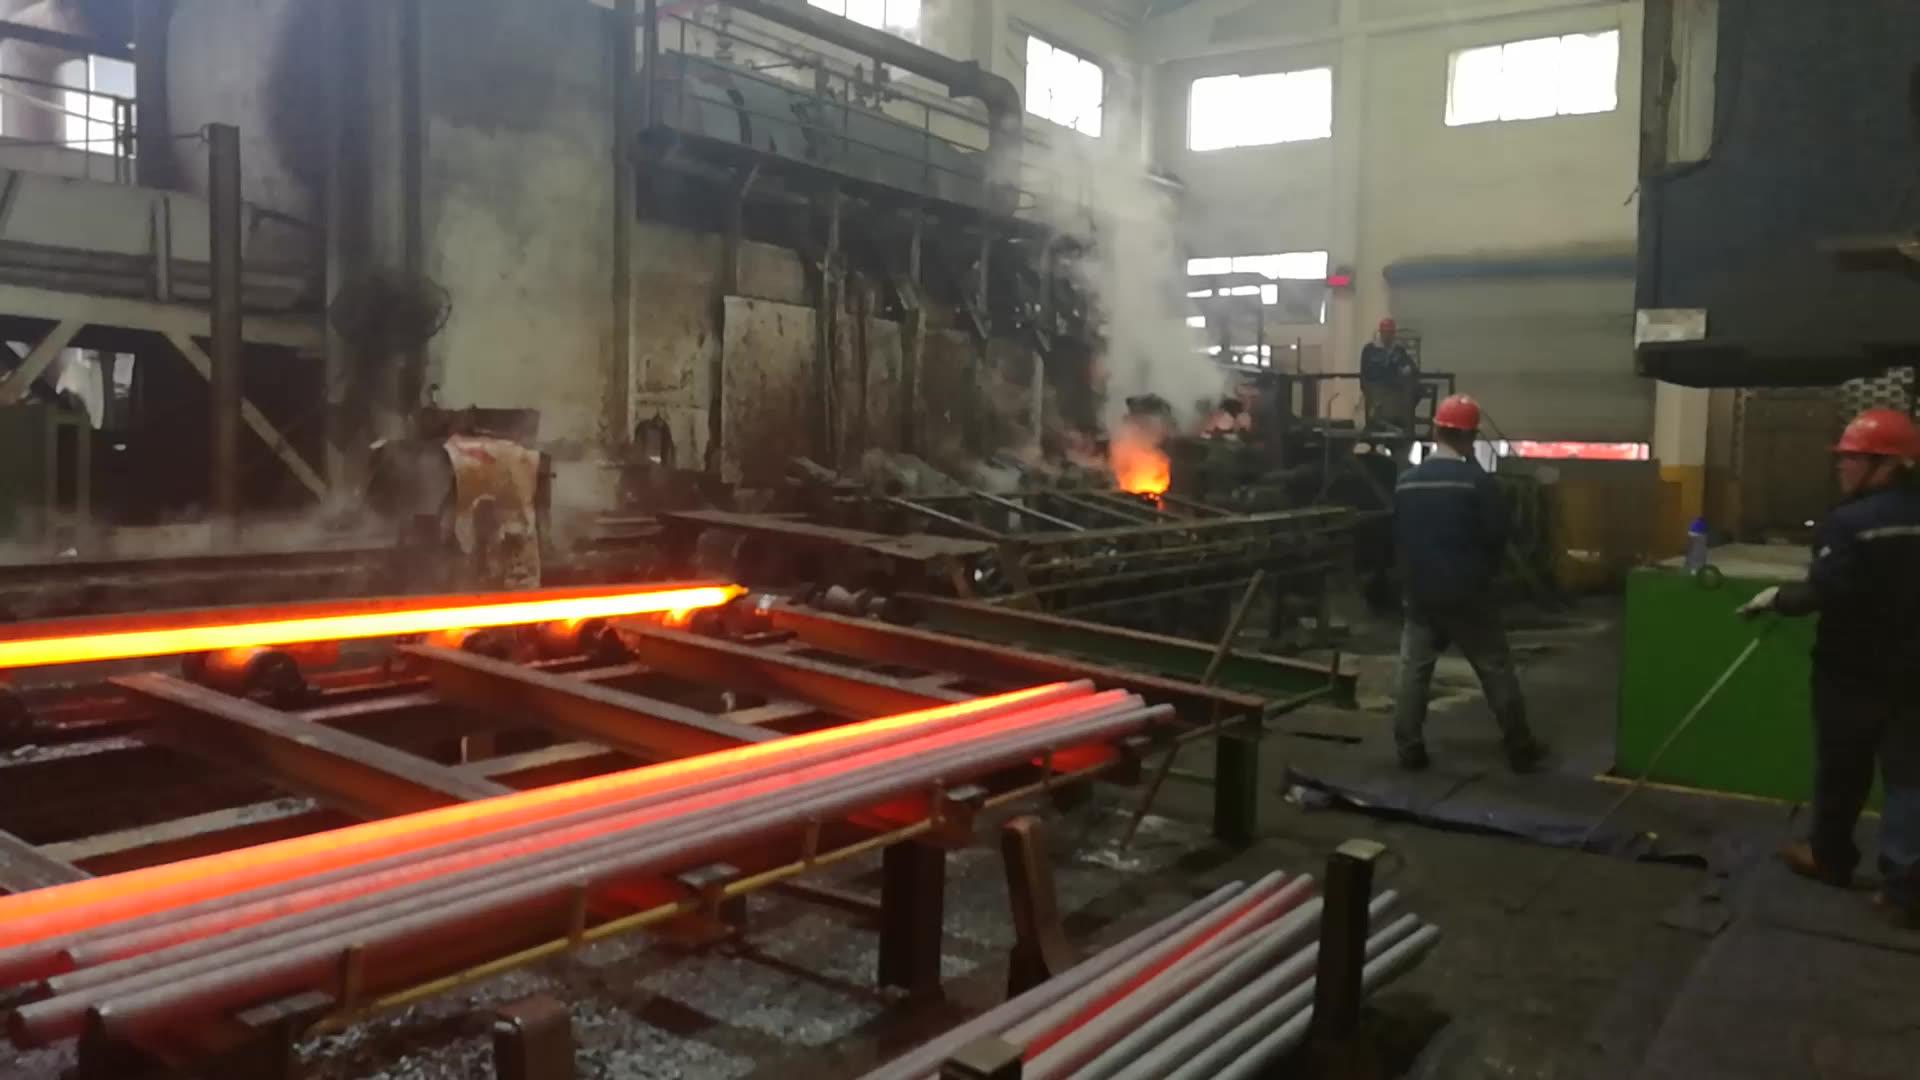 ASTM A53 Gr. B Ms Erw Pipa Baja Karbon Hitam, Ukuran 3/4 1 2 4 Inci untuk Saluran Pipa Minyak dan Gas